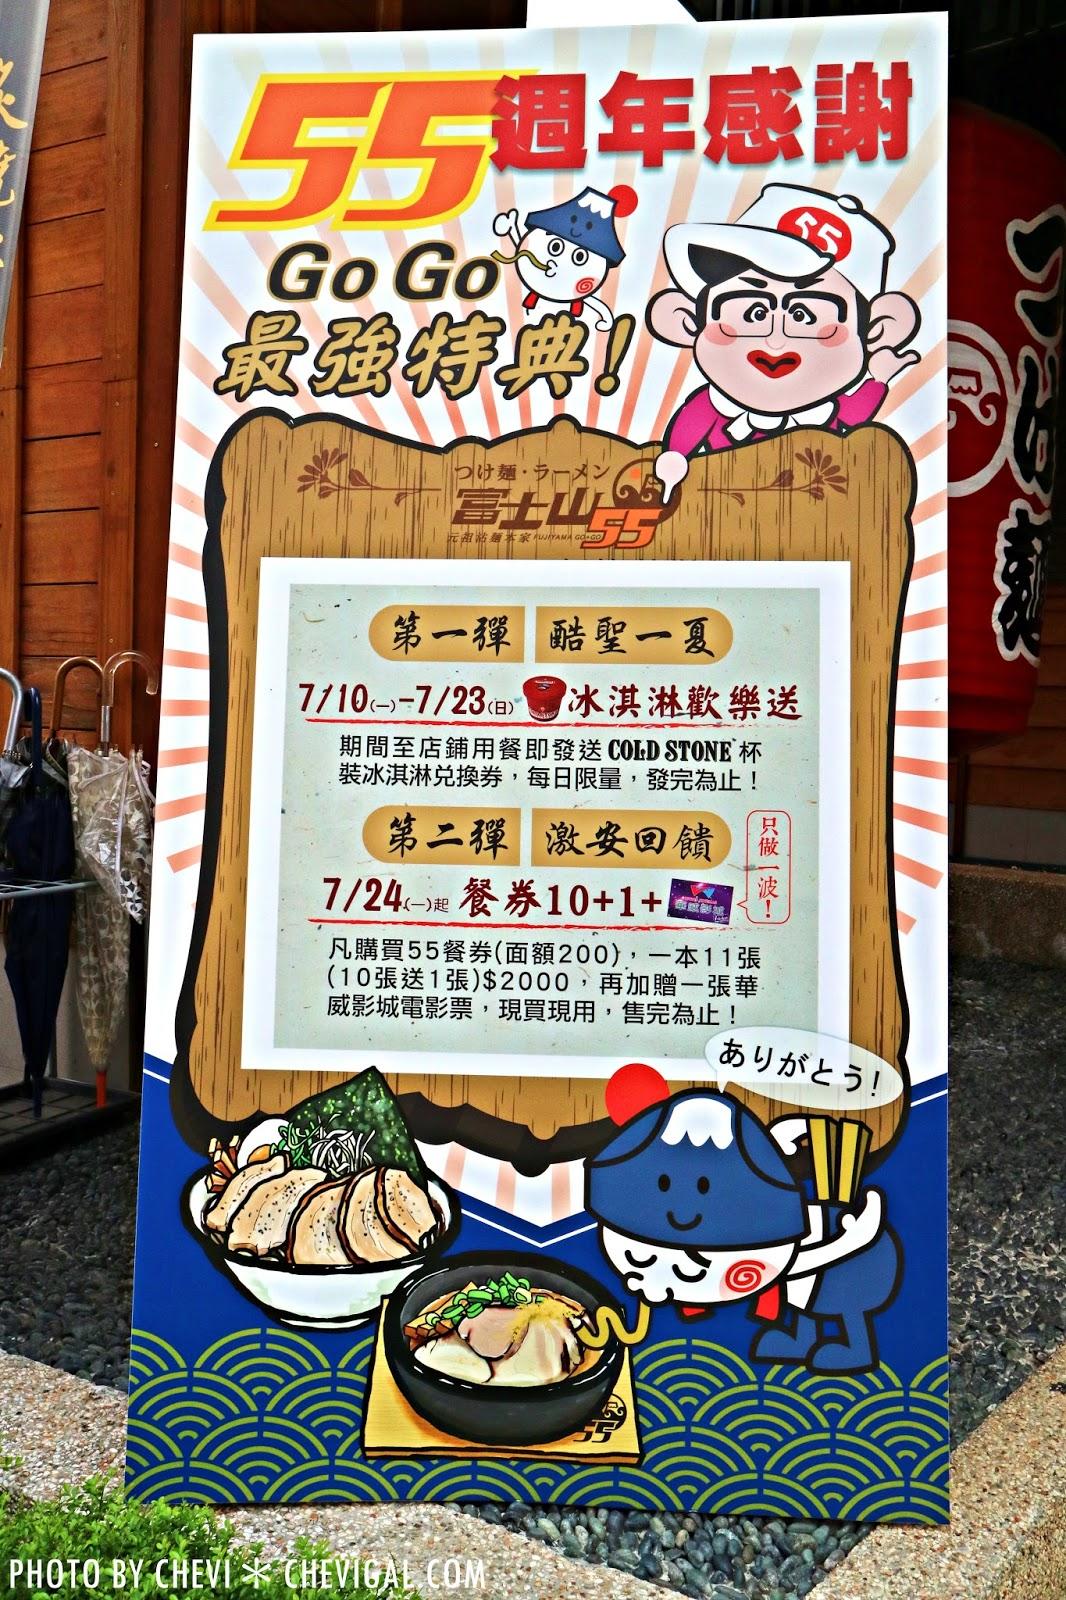 IMG 9839 - 熱血採訪│富士山55沾麵*富士山55周年感謝祭。澎派菜單全新登場。還有免費 Cold Stone冰淇淋請你吃